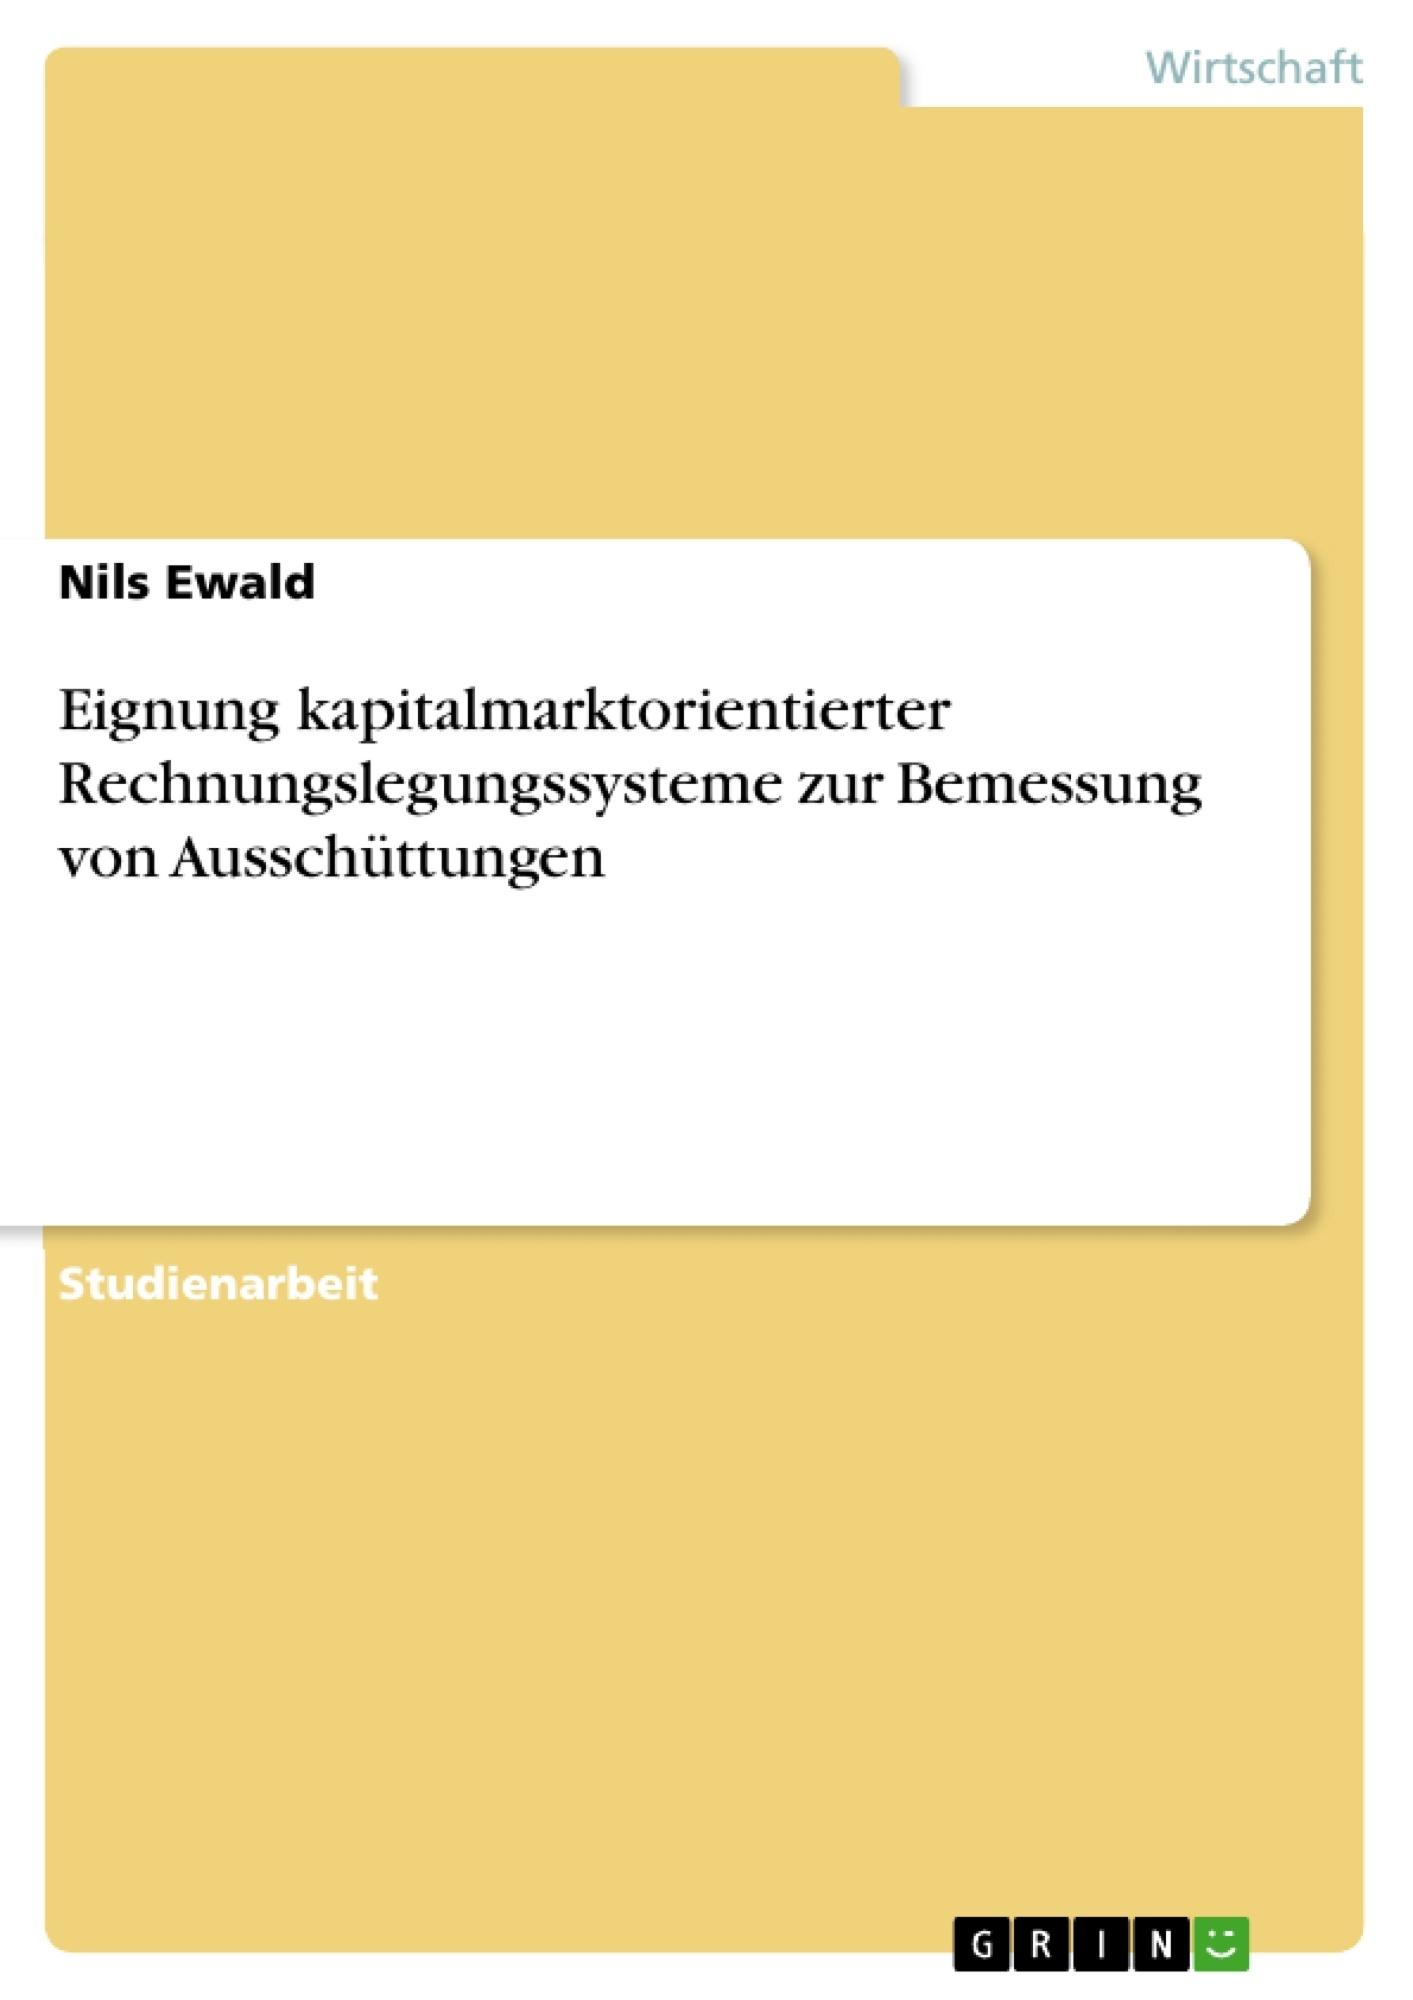 Titel: Eignung kapitalmarktorientierter Rechnungslegungssysteme zur Bemessung von Ausschüttungen